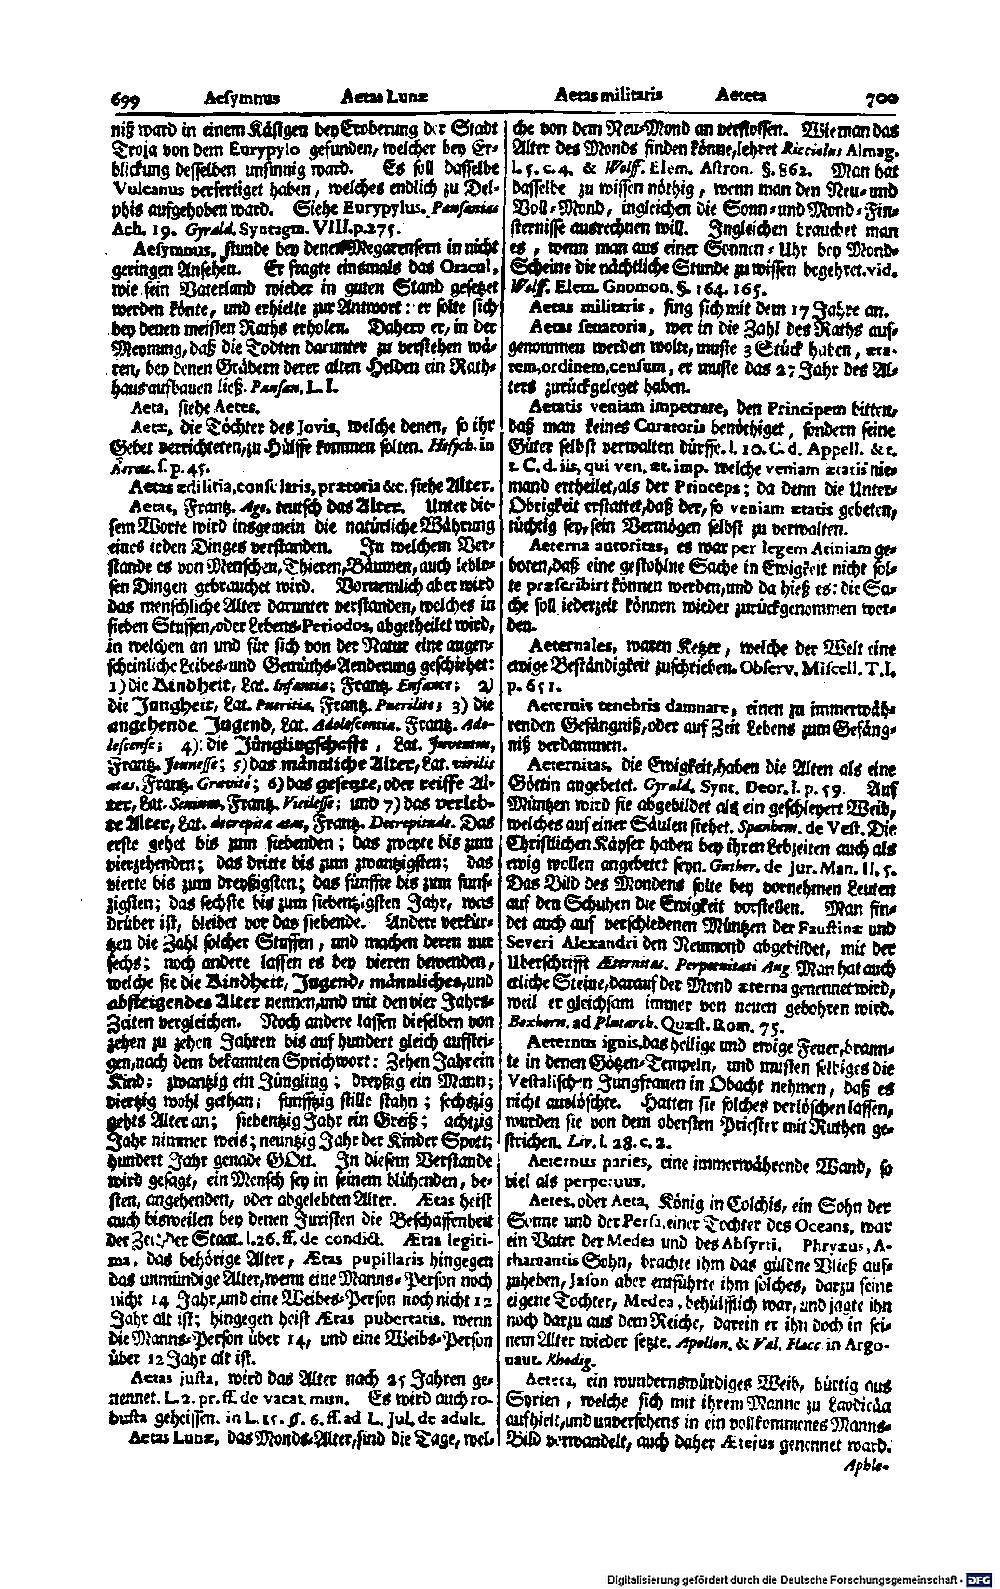 Bd. 01, Seite 0389.